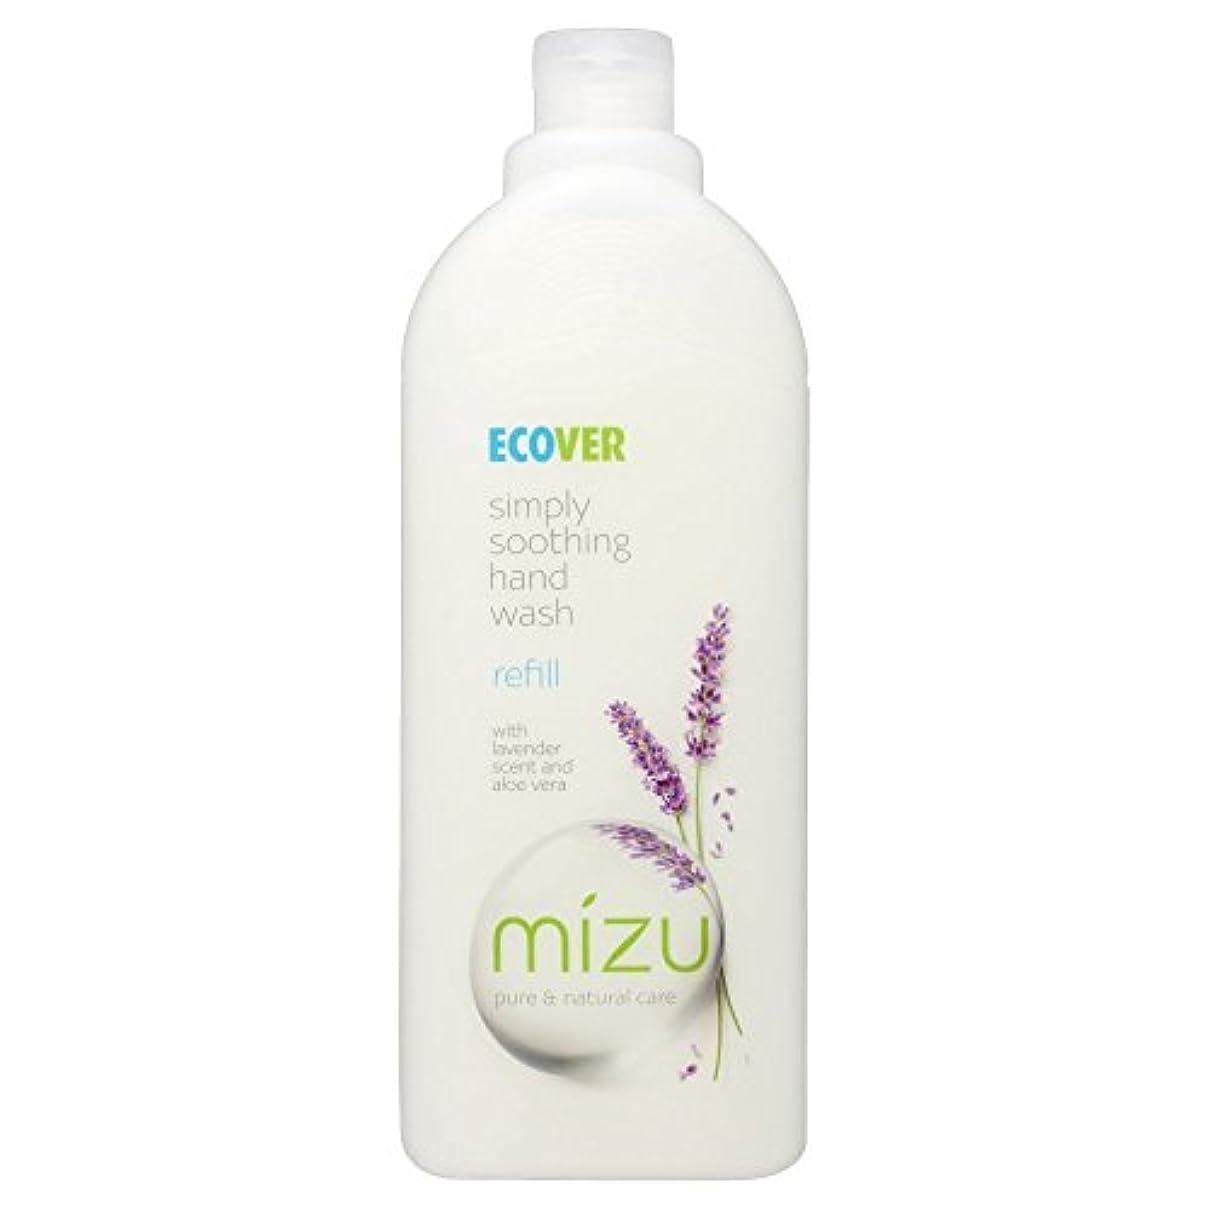 結果として無けがをするEcover Liquid Hand Soap Lavender & Aloe Vera Refill (1L) by Ecover